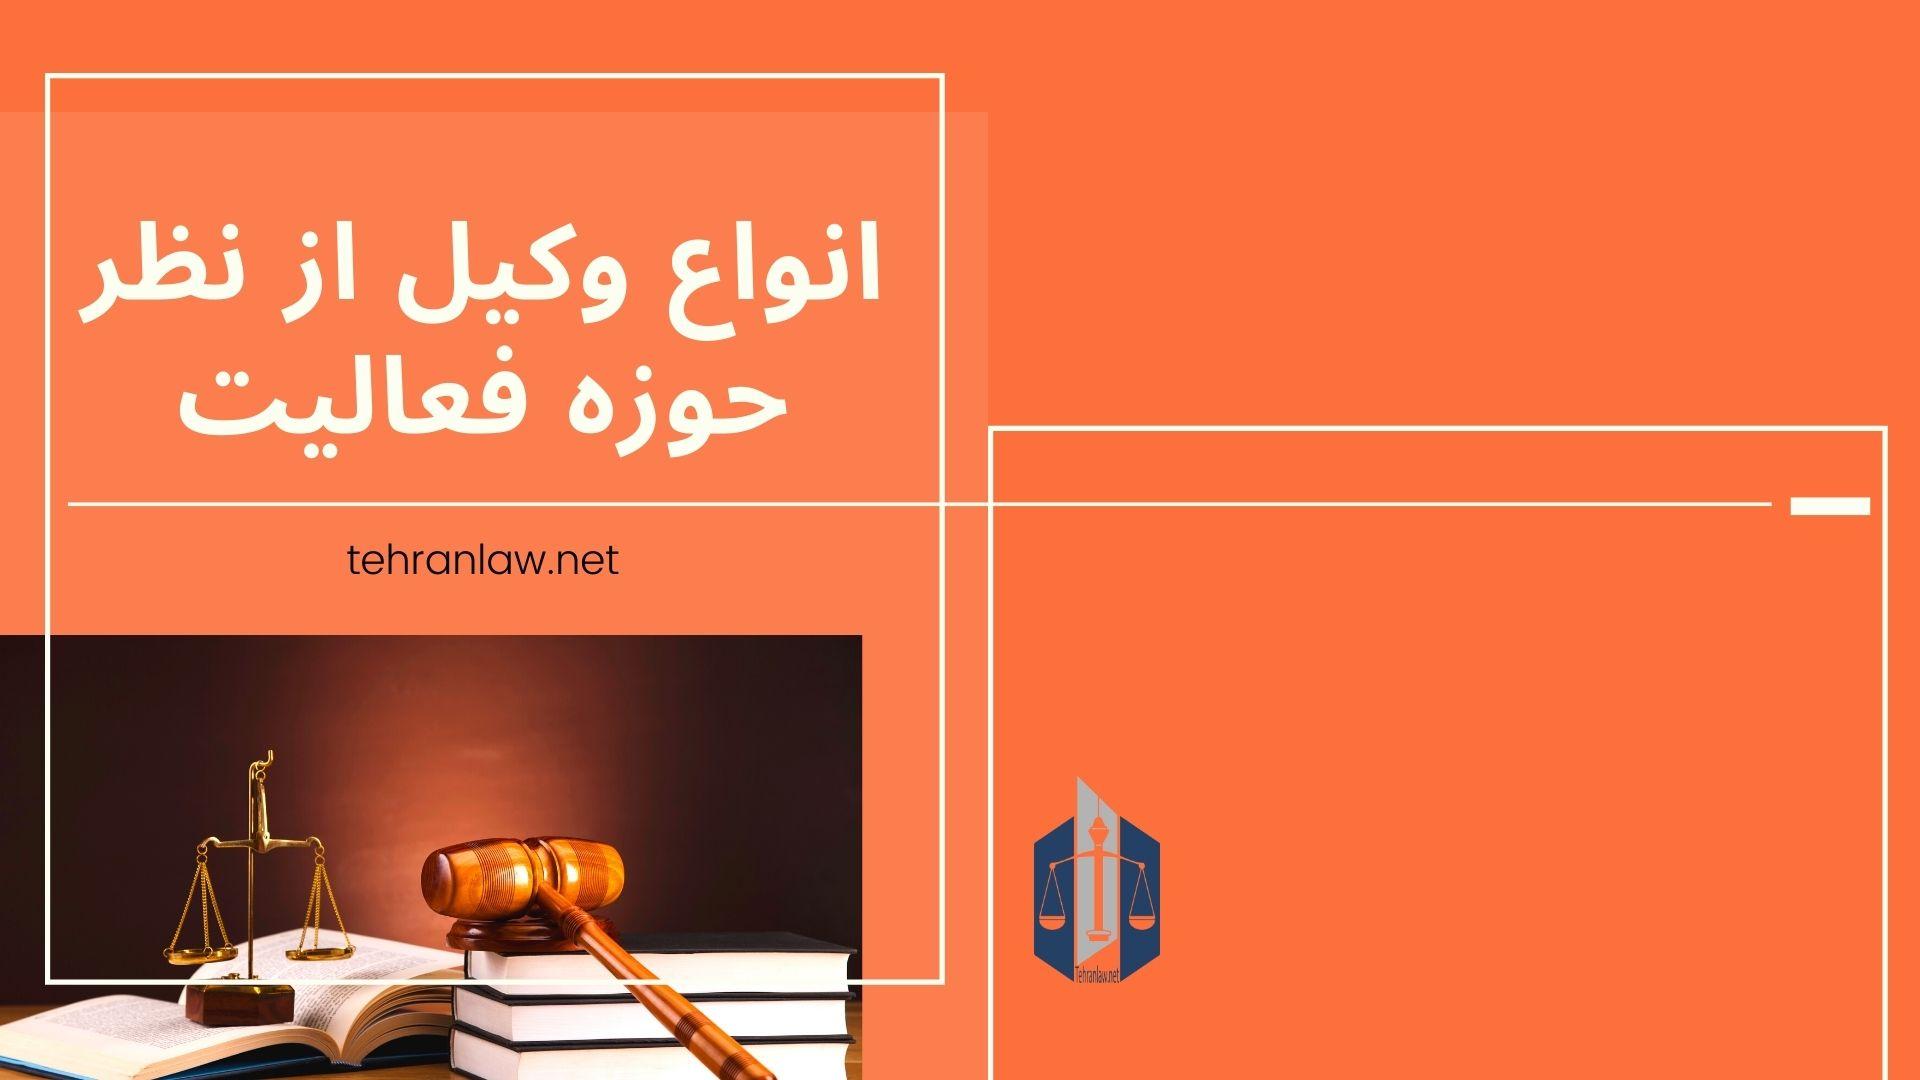 انواع وکیل از نظر حوزه فعالیت: